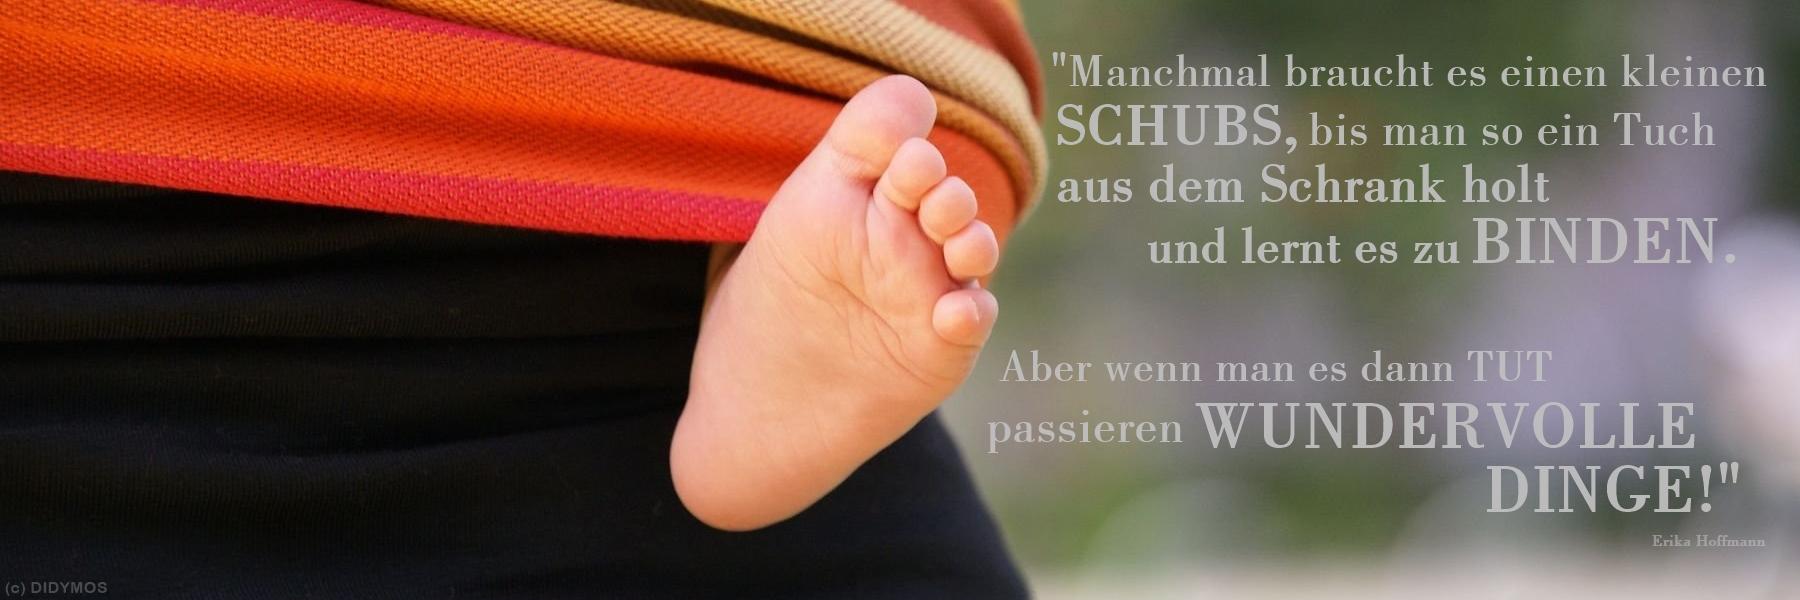 Zitat Erika Hoffmann Trageberatung Schönbuch